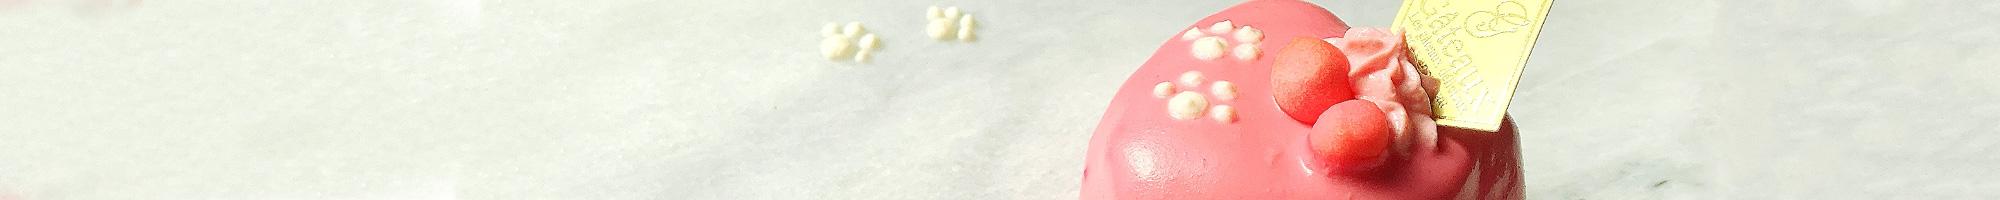 歯科セミナー×Dog Cake